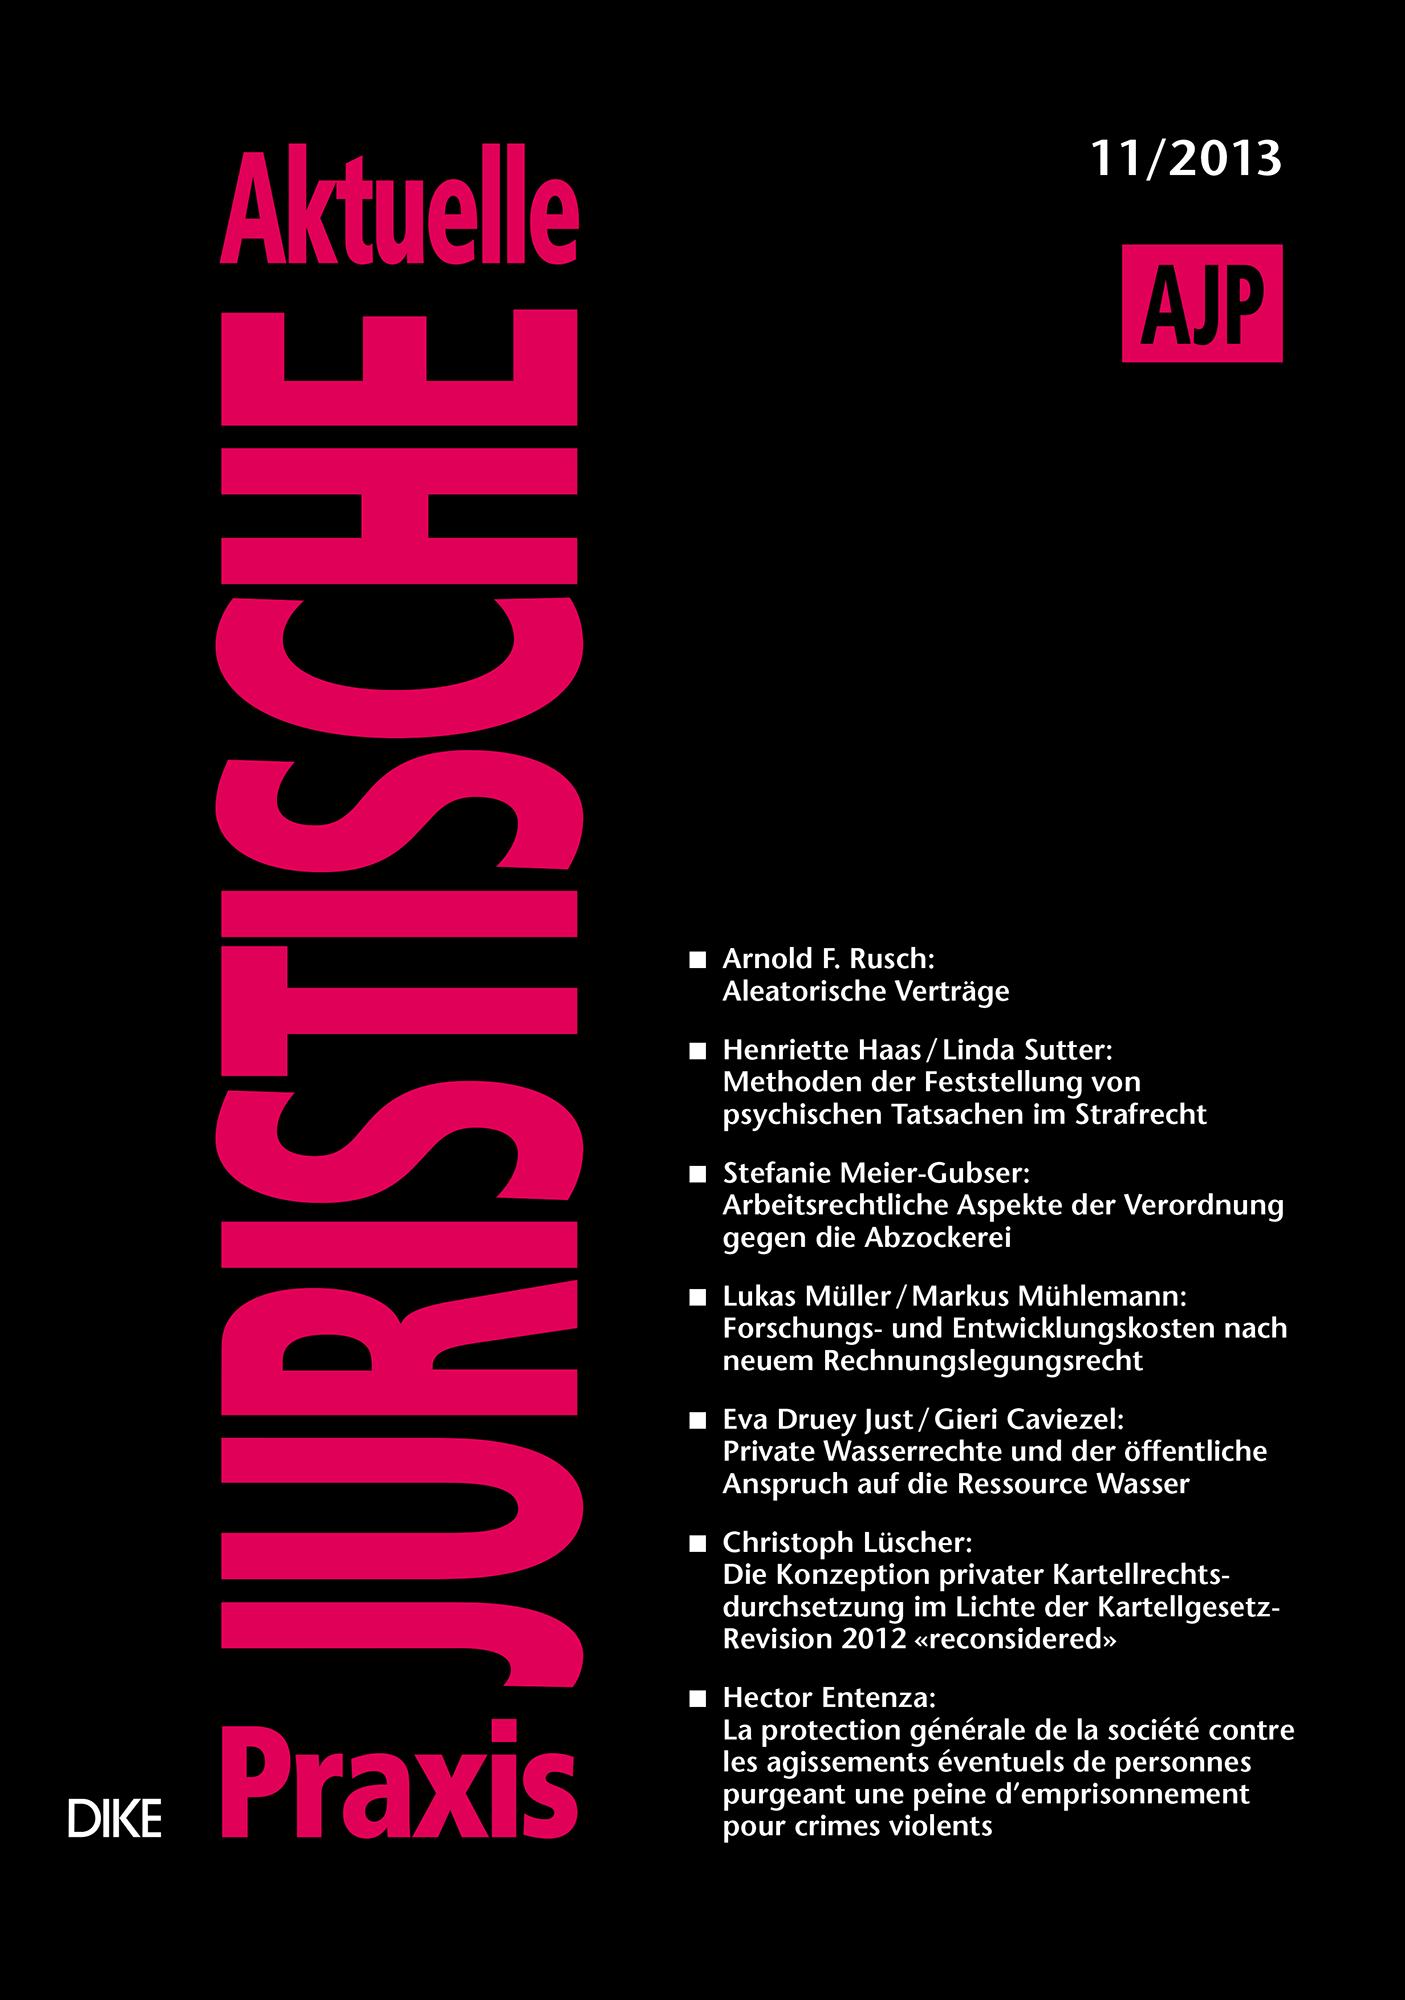 AJP/PJA 11/2013